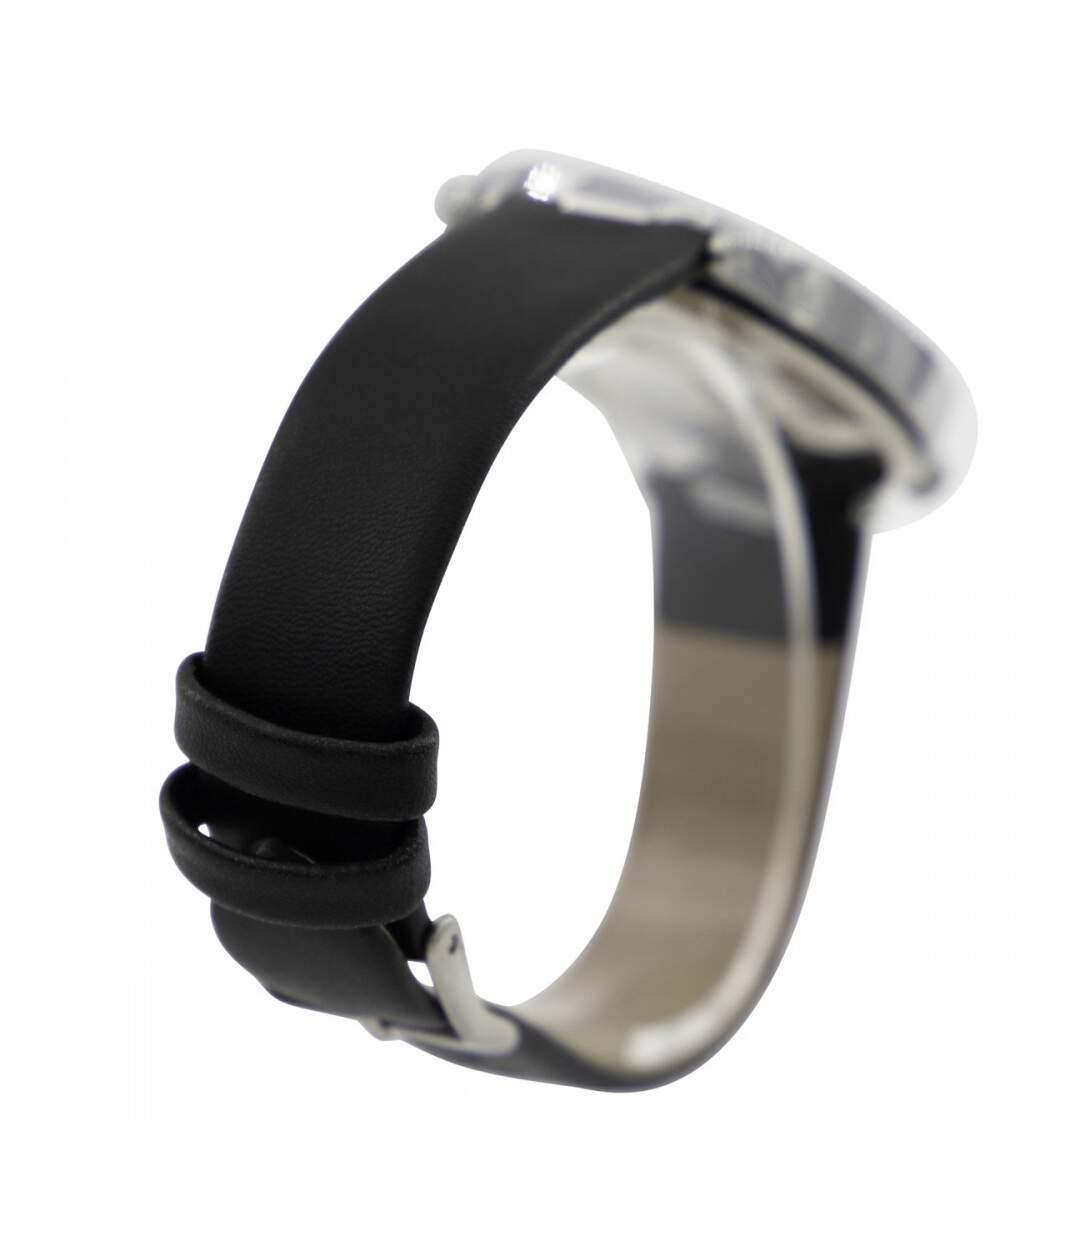 Dégagement Montre Femme M. JOHN bracelet Cuir Noir dsf.d455nksdKLFHG